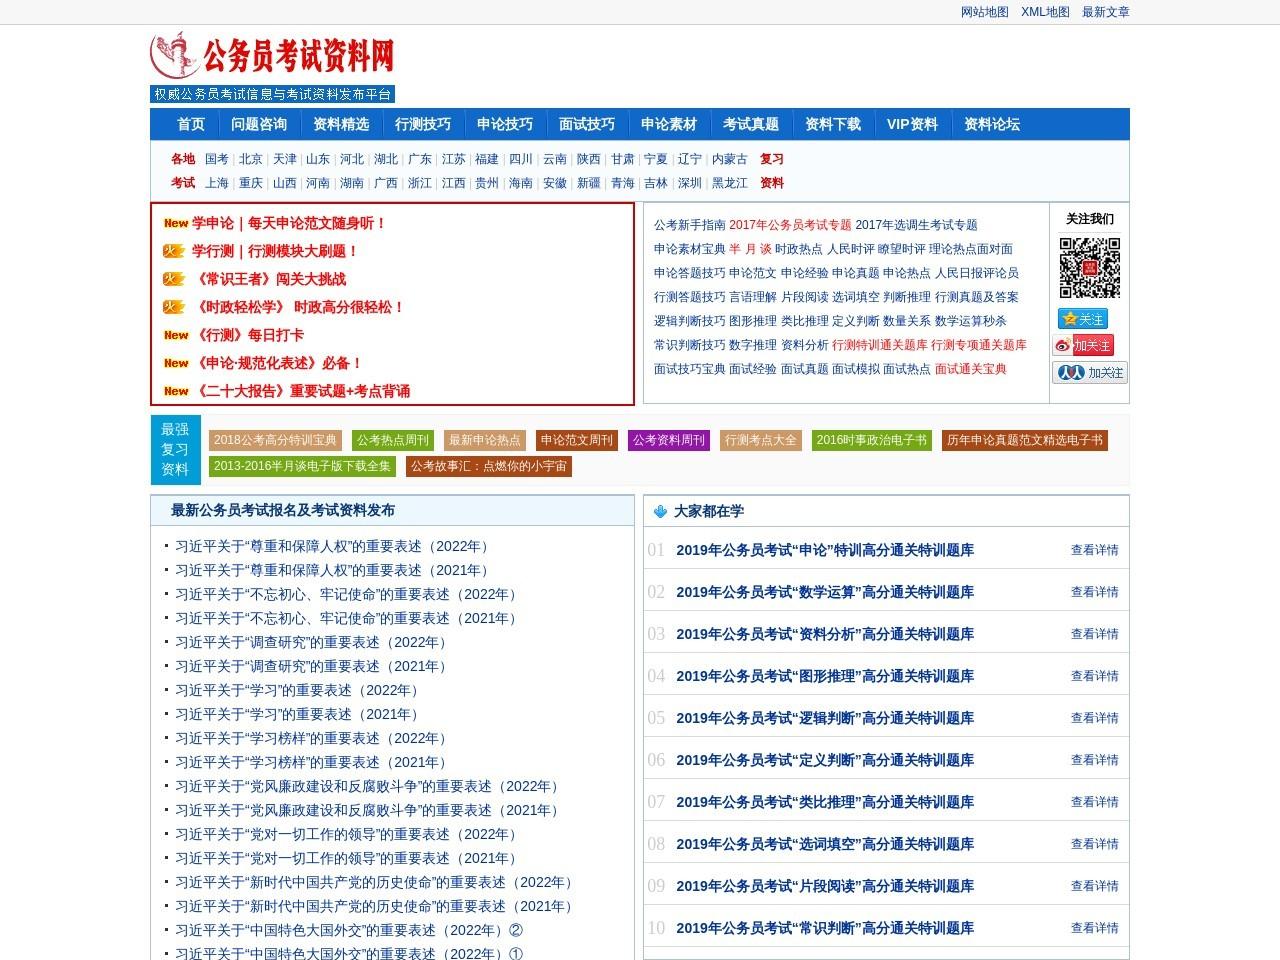 公务员考试资料网的网站截图